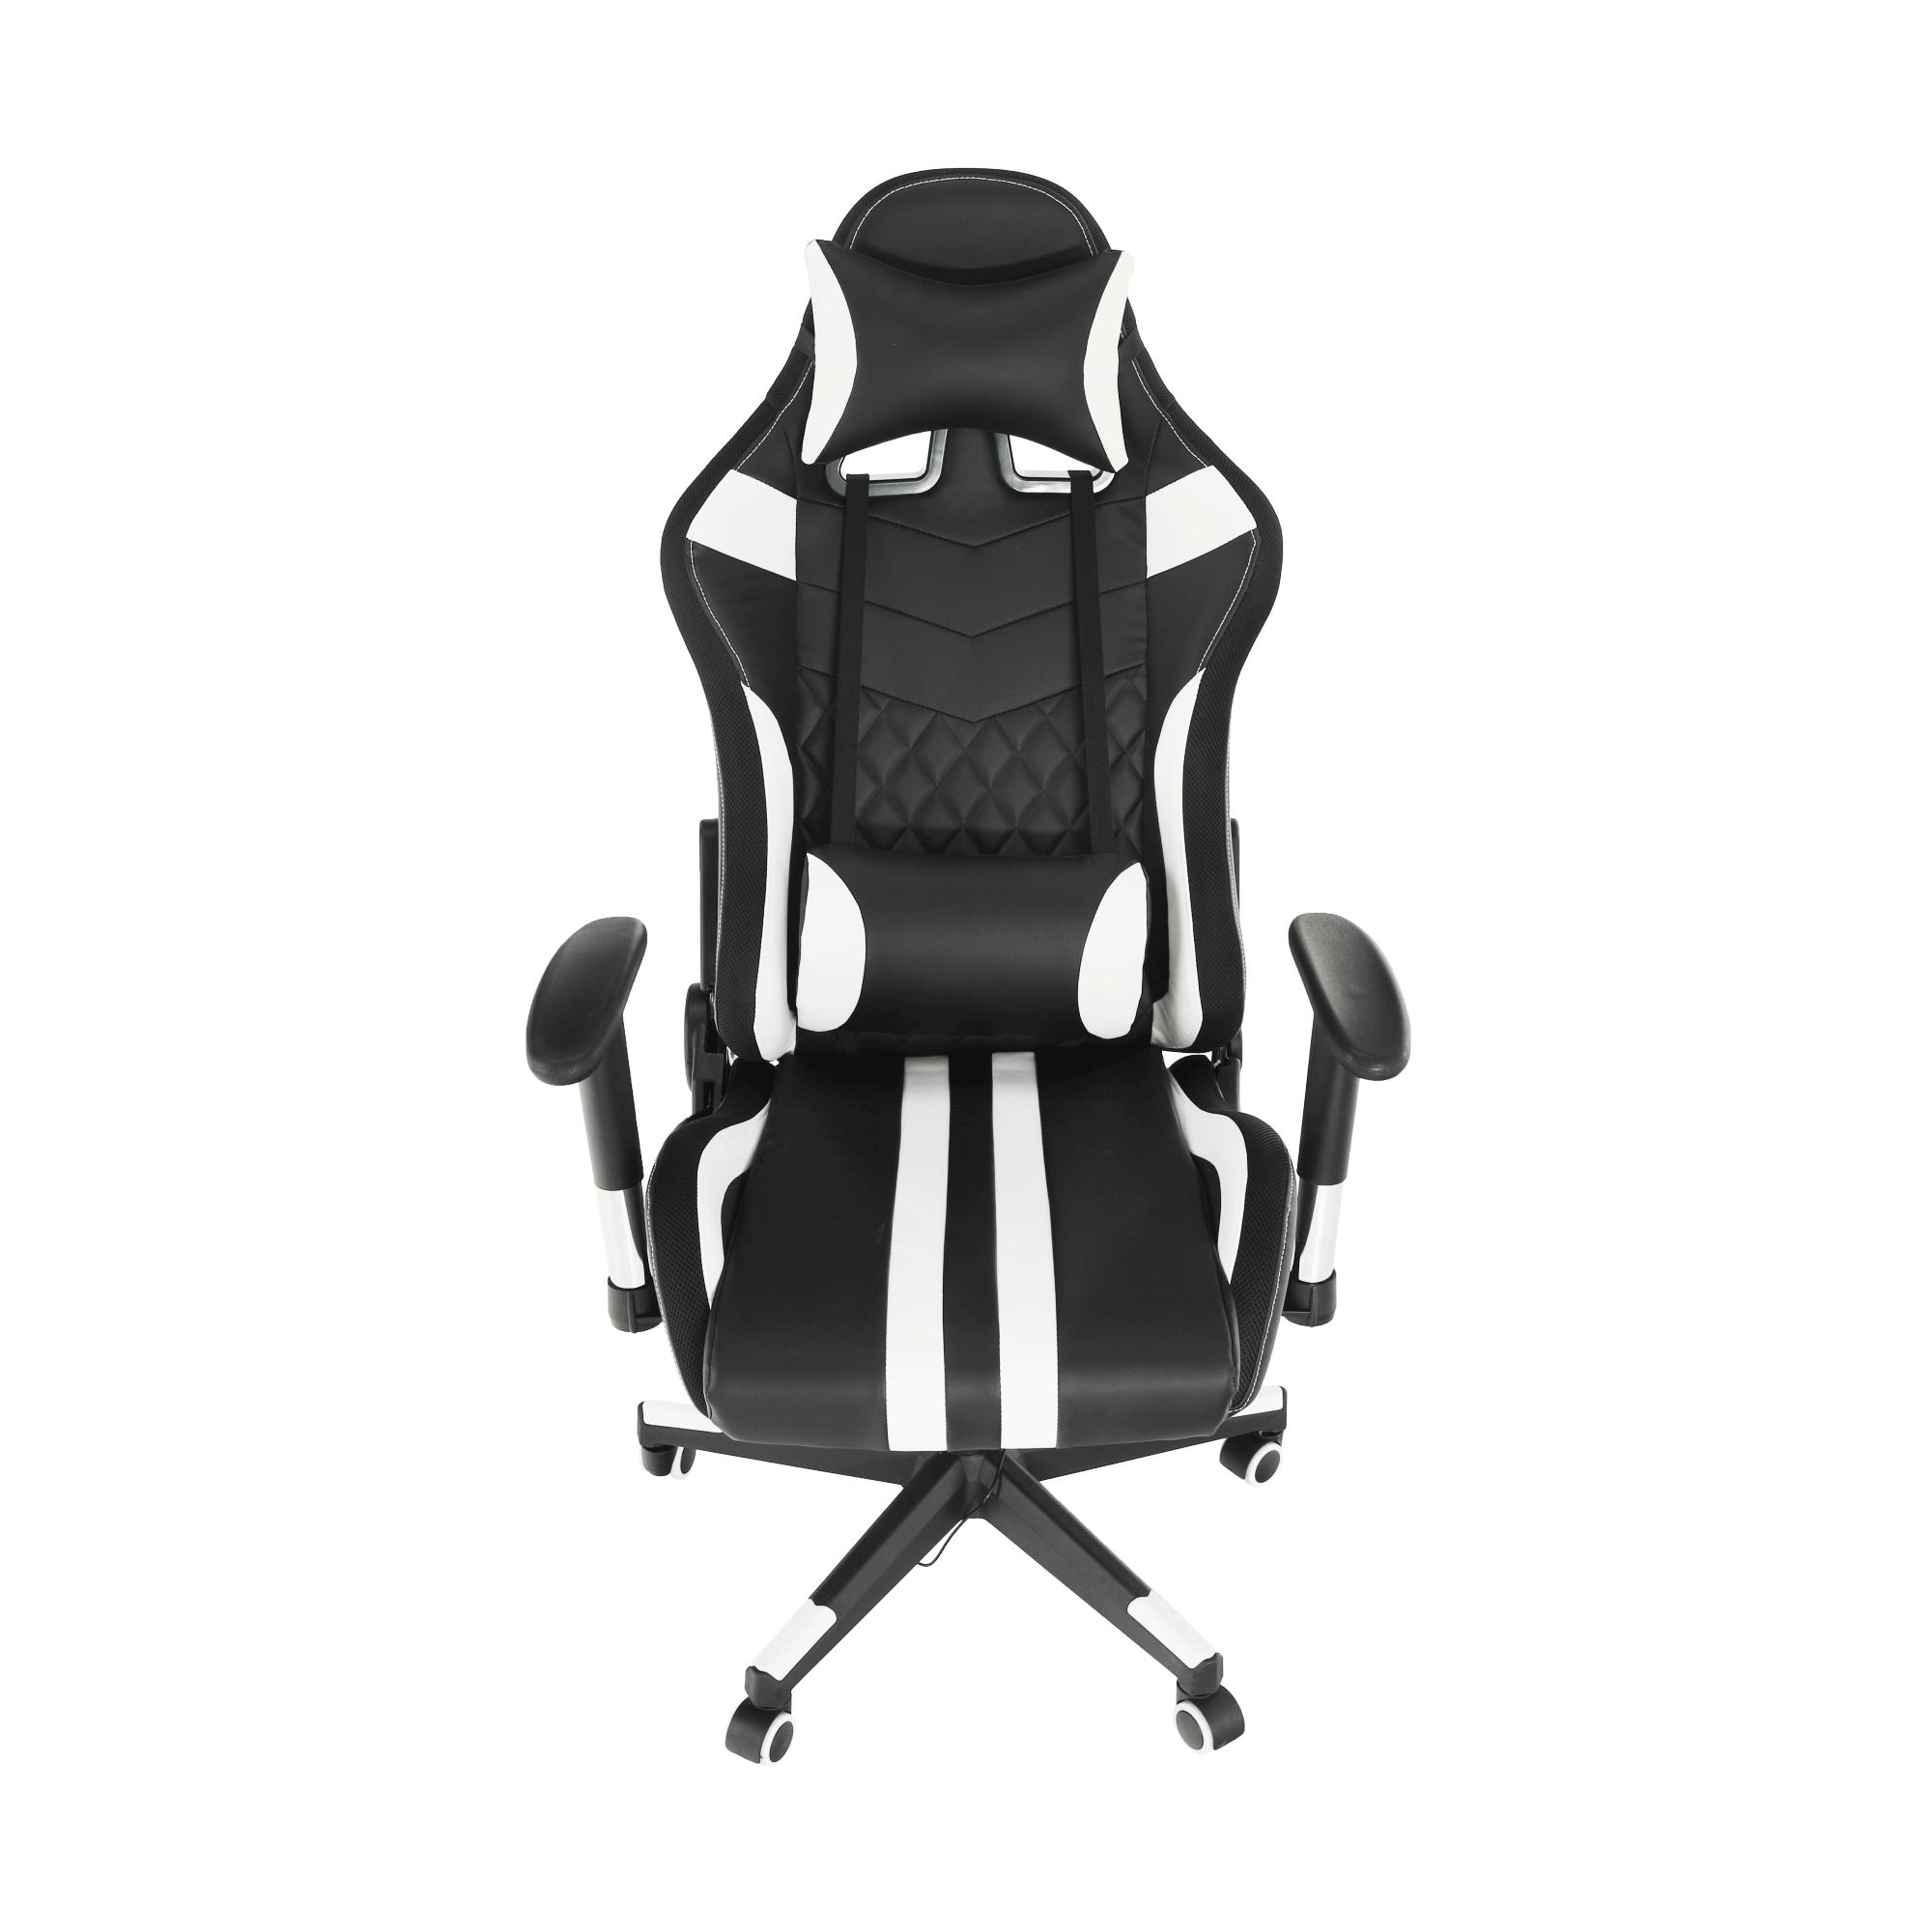 Irodai/gamer szék RGB háttérvilágítással 416